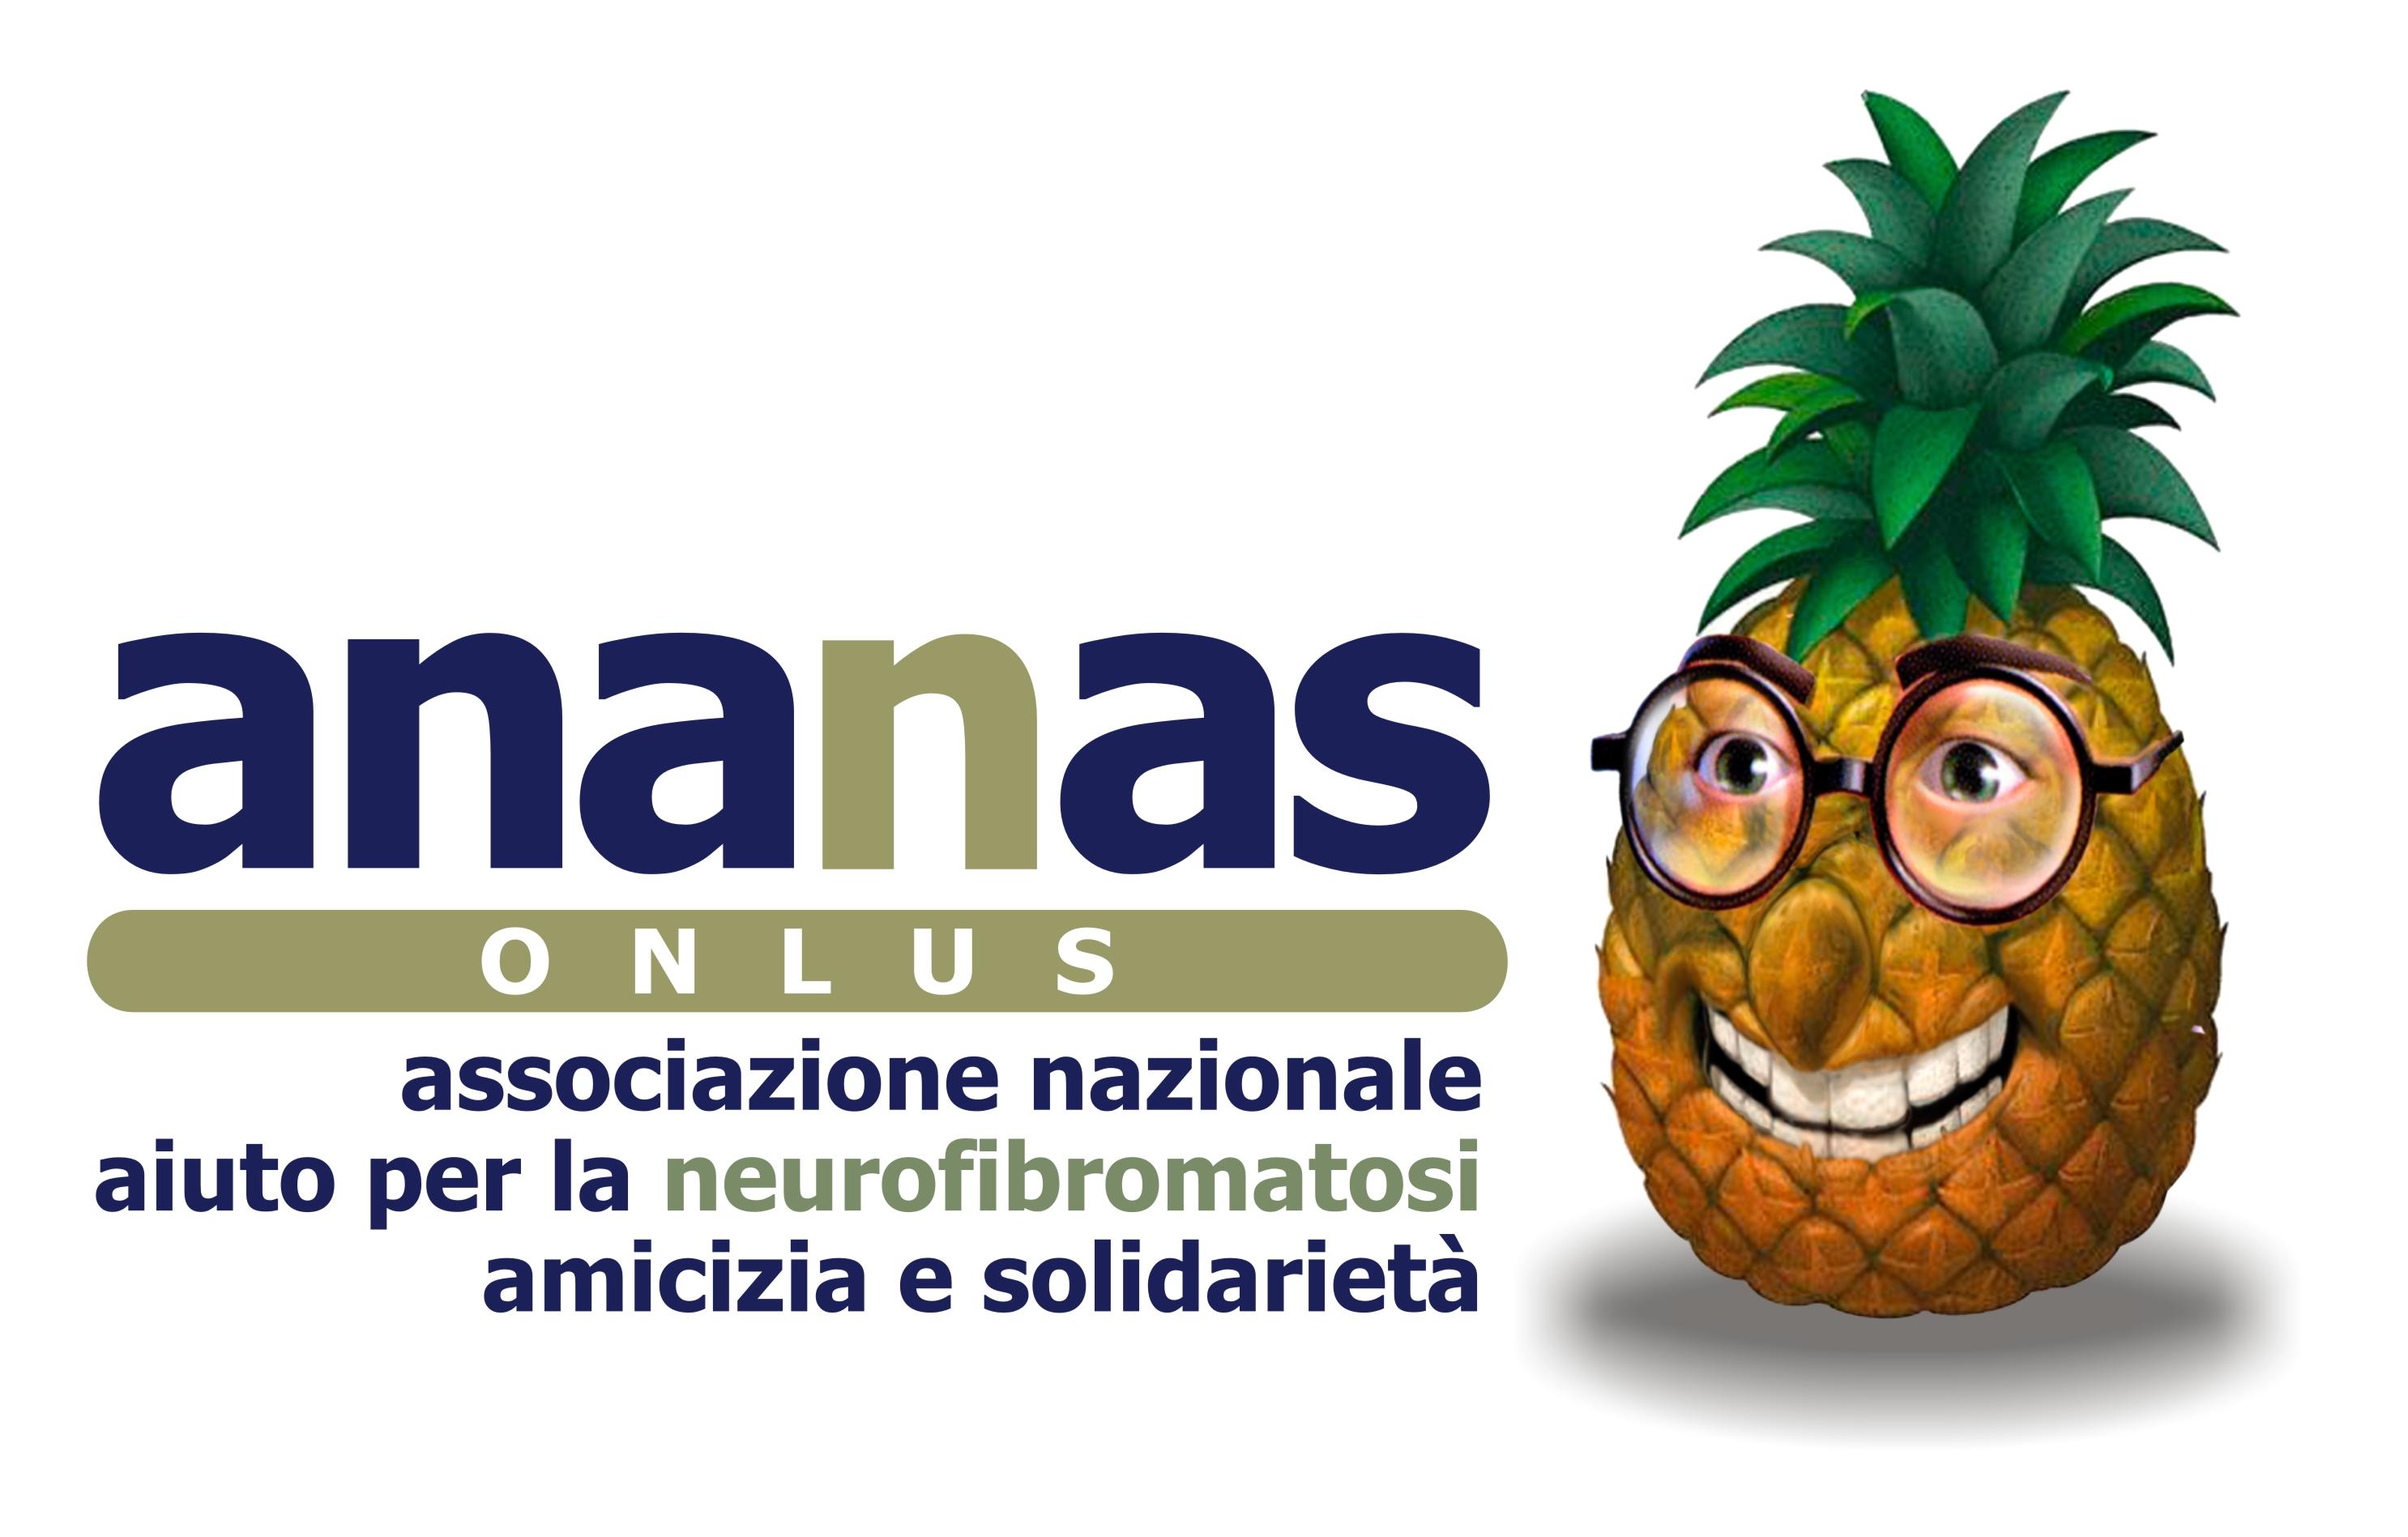 ANANAS ONLUS - Associazione Nazionale Aiuto per la Neurofibromatosi